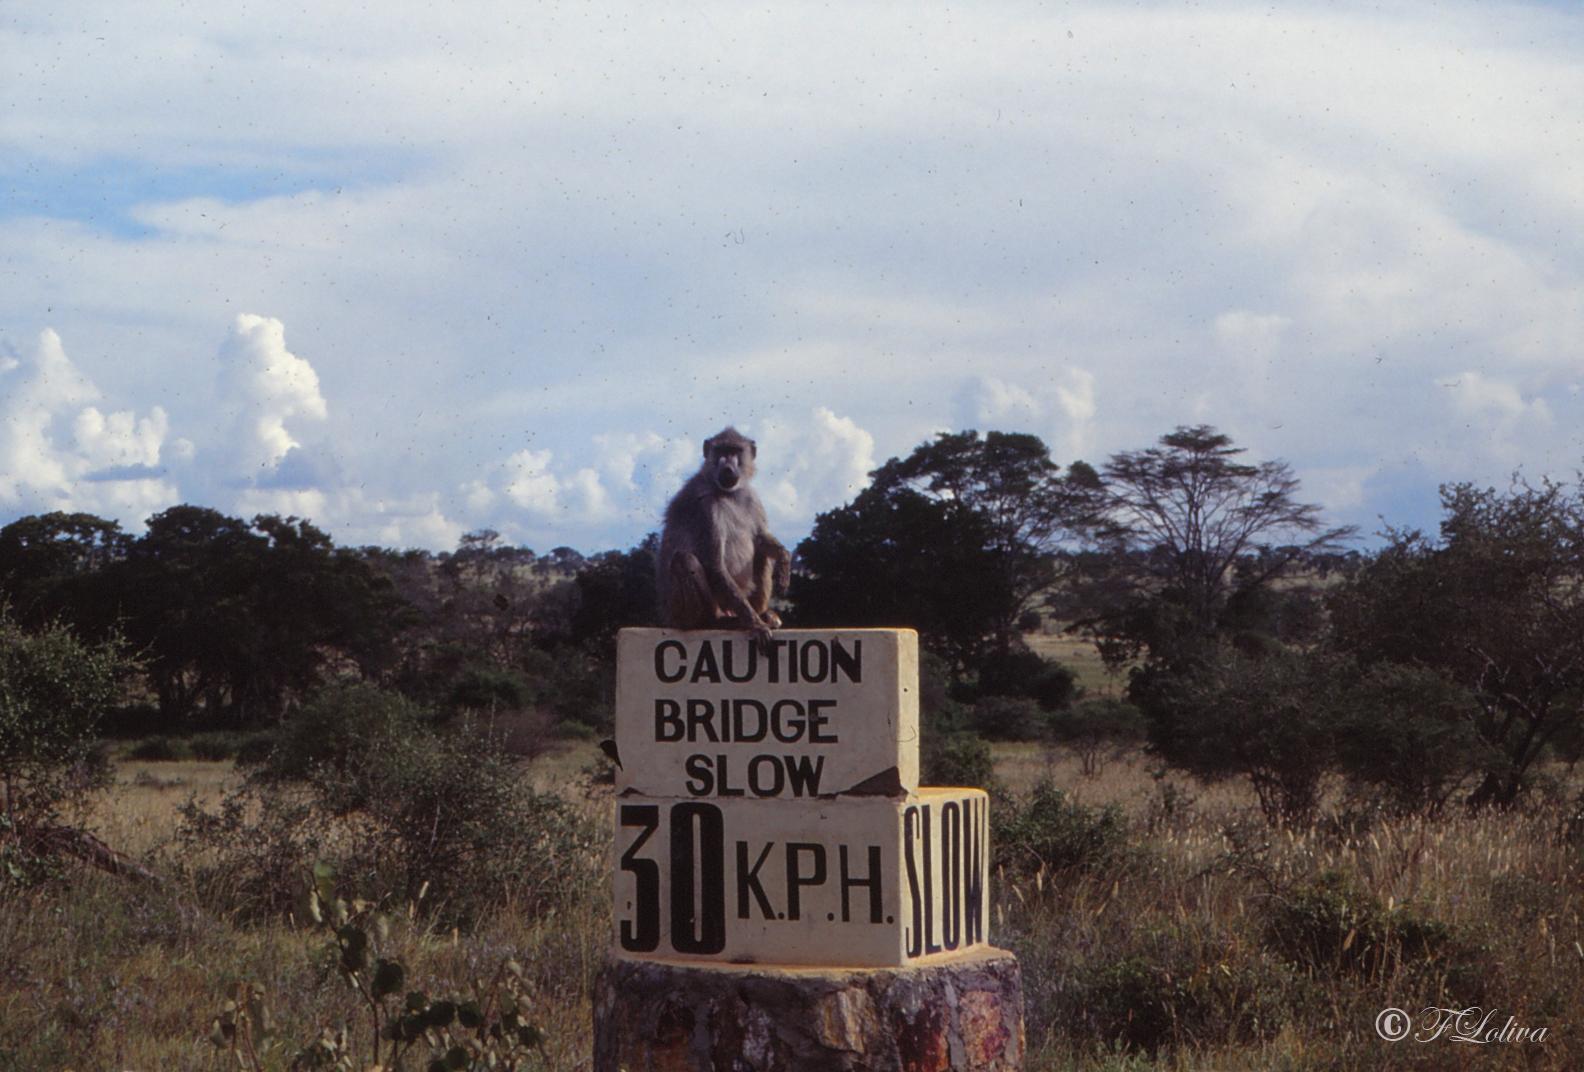 VECCHIE FOTO: KENIA LA SAVANA